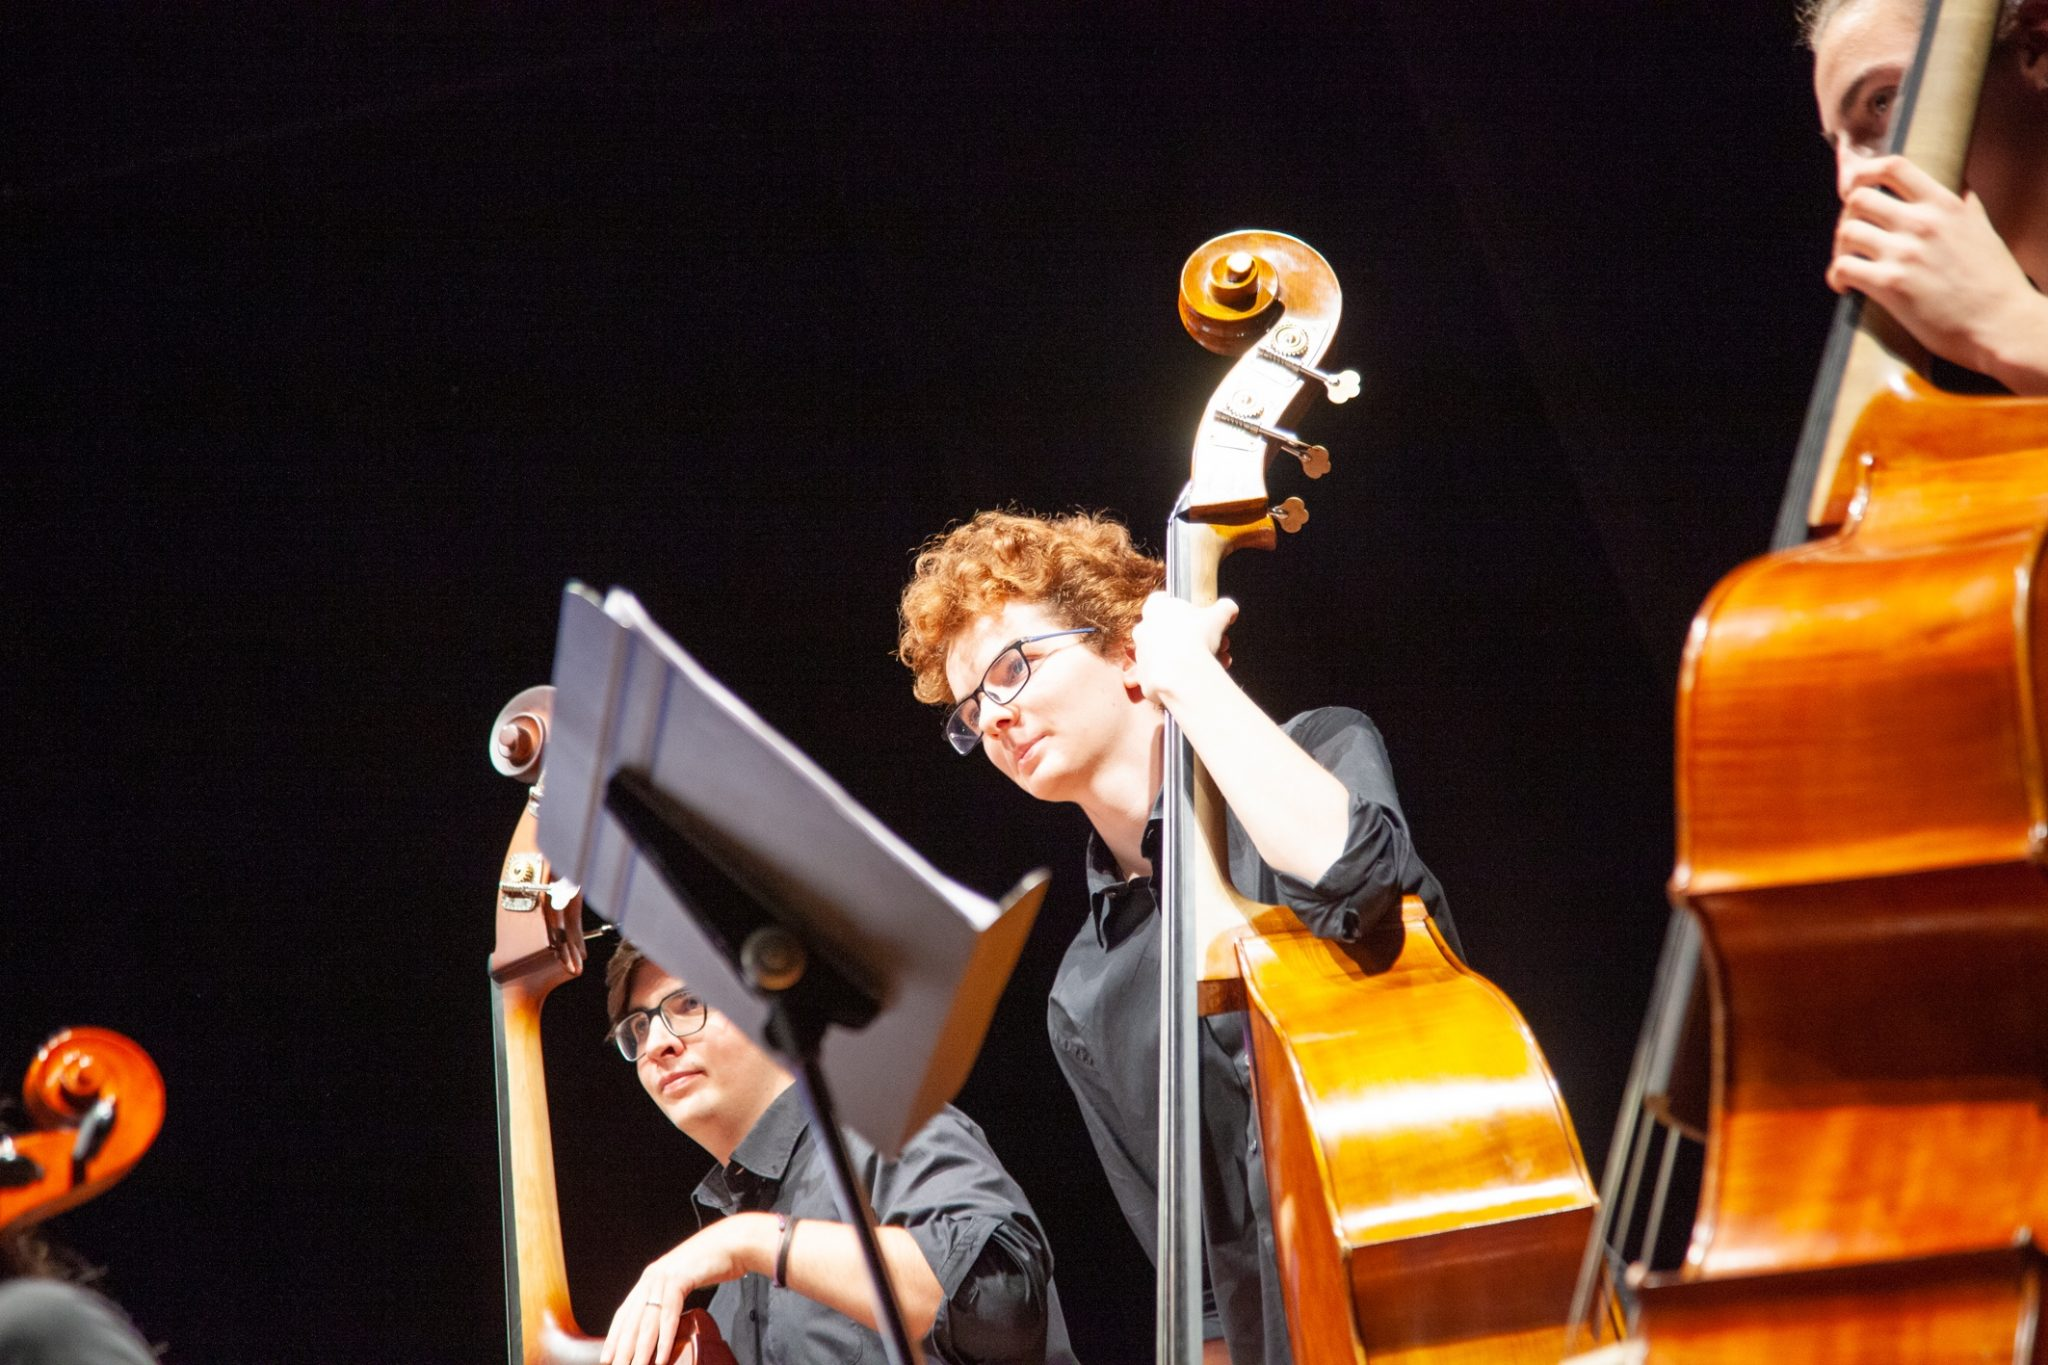 Dei ragazzi di una scuola di musica durante un concerto sinfonico.